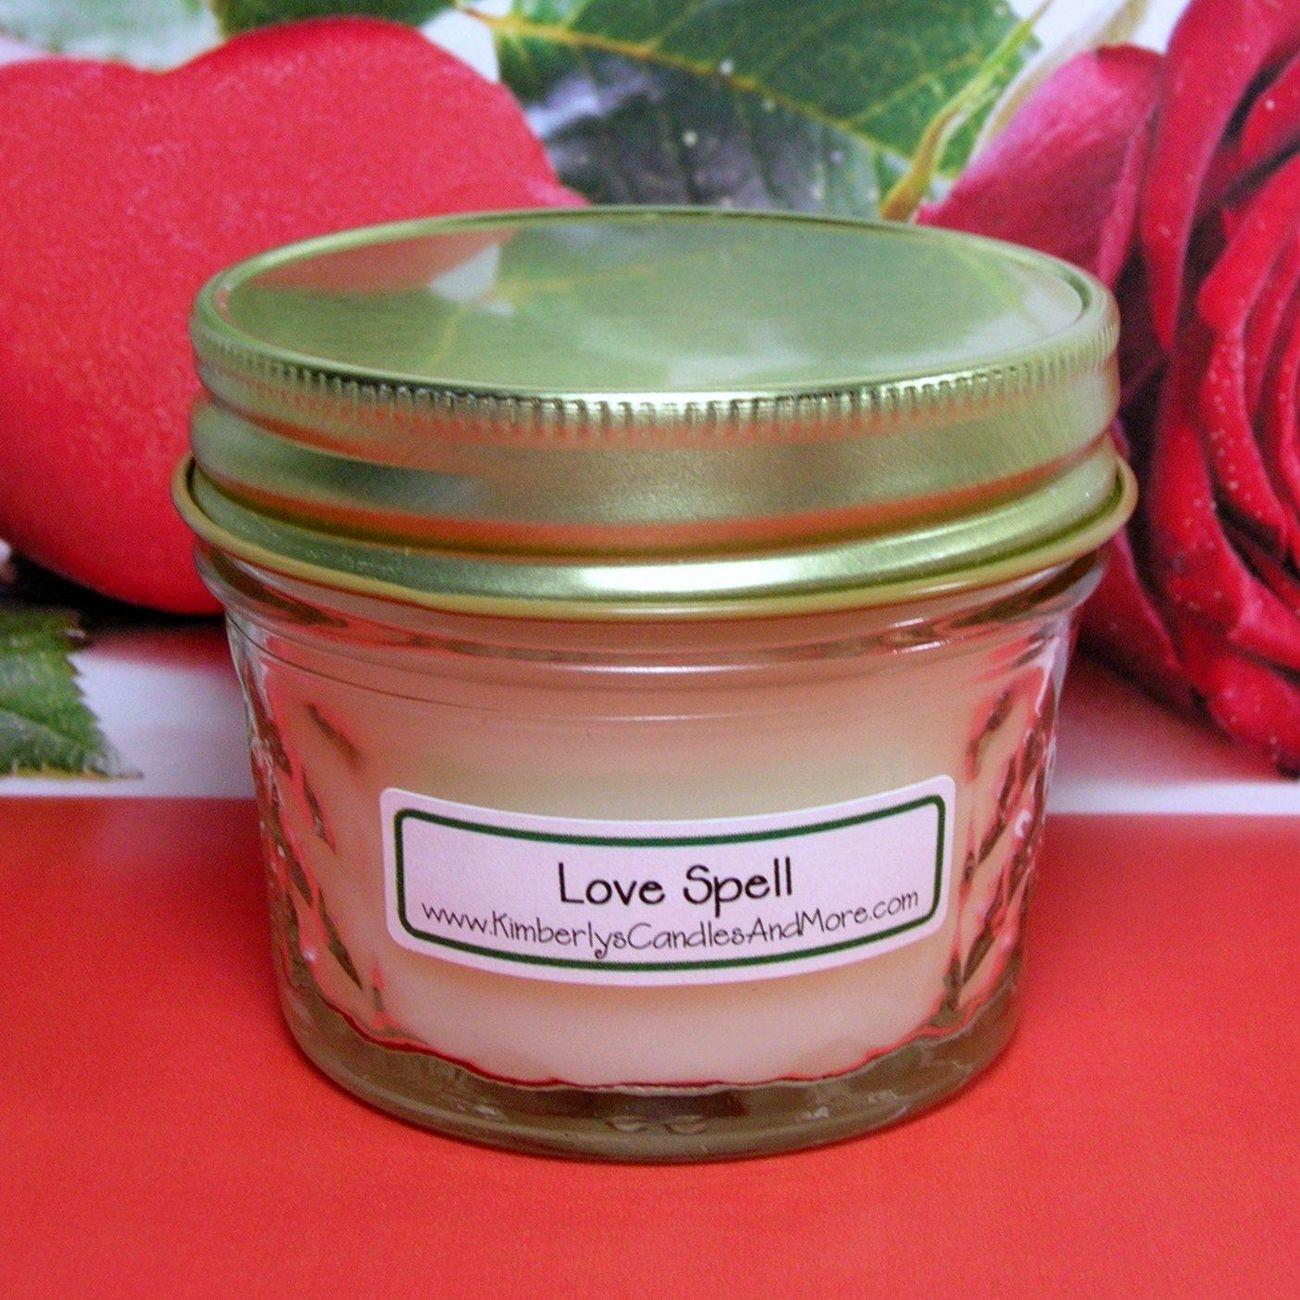 Jelly jar sm lovespell 1